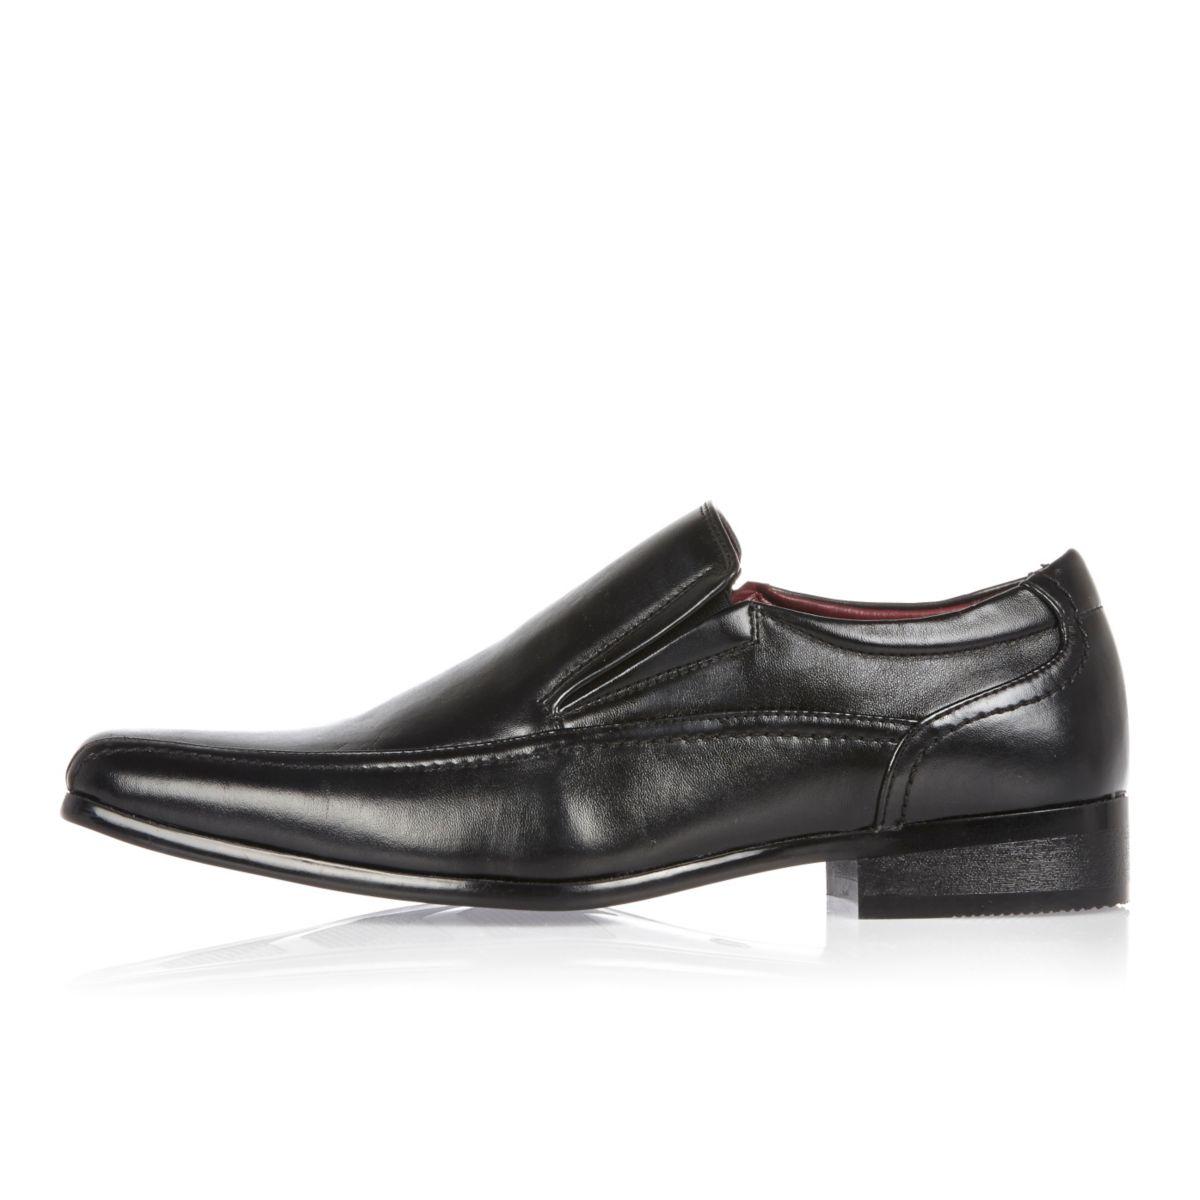 Nette zwarte loafers